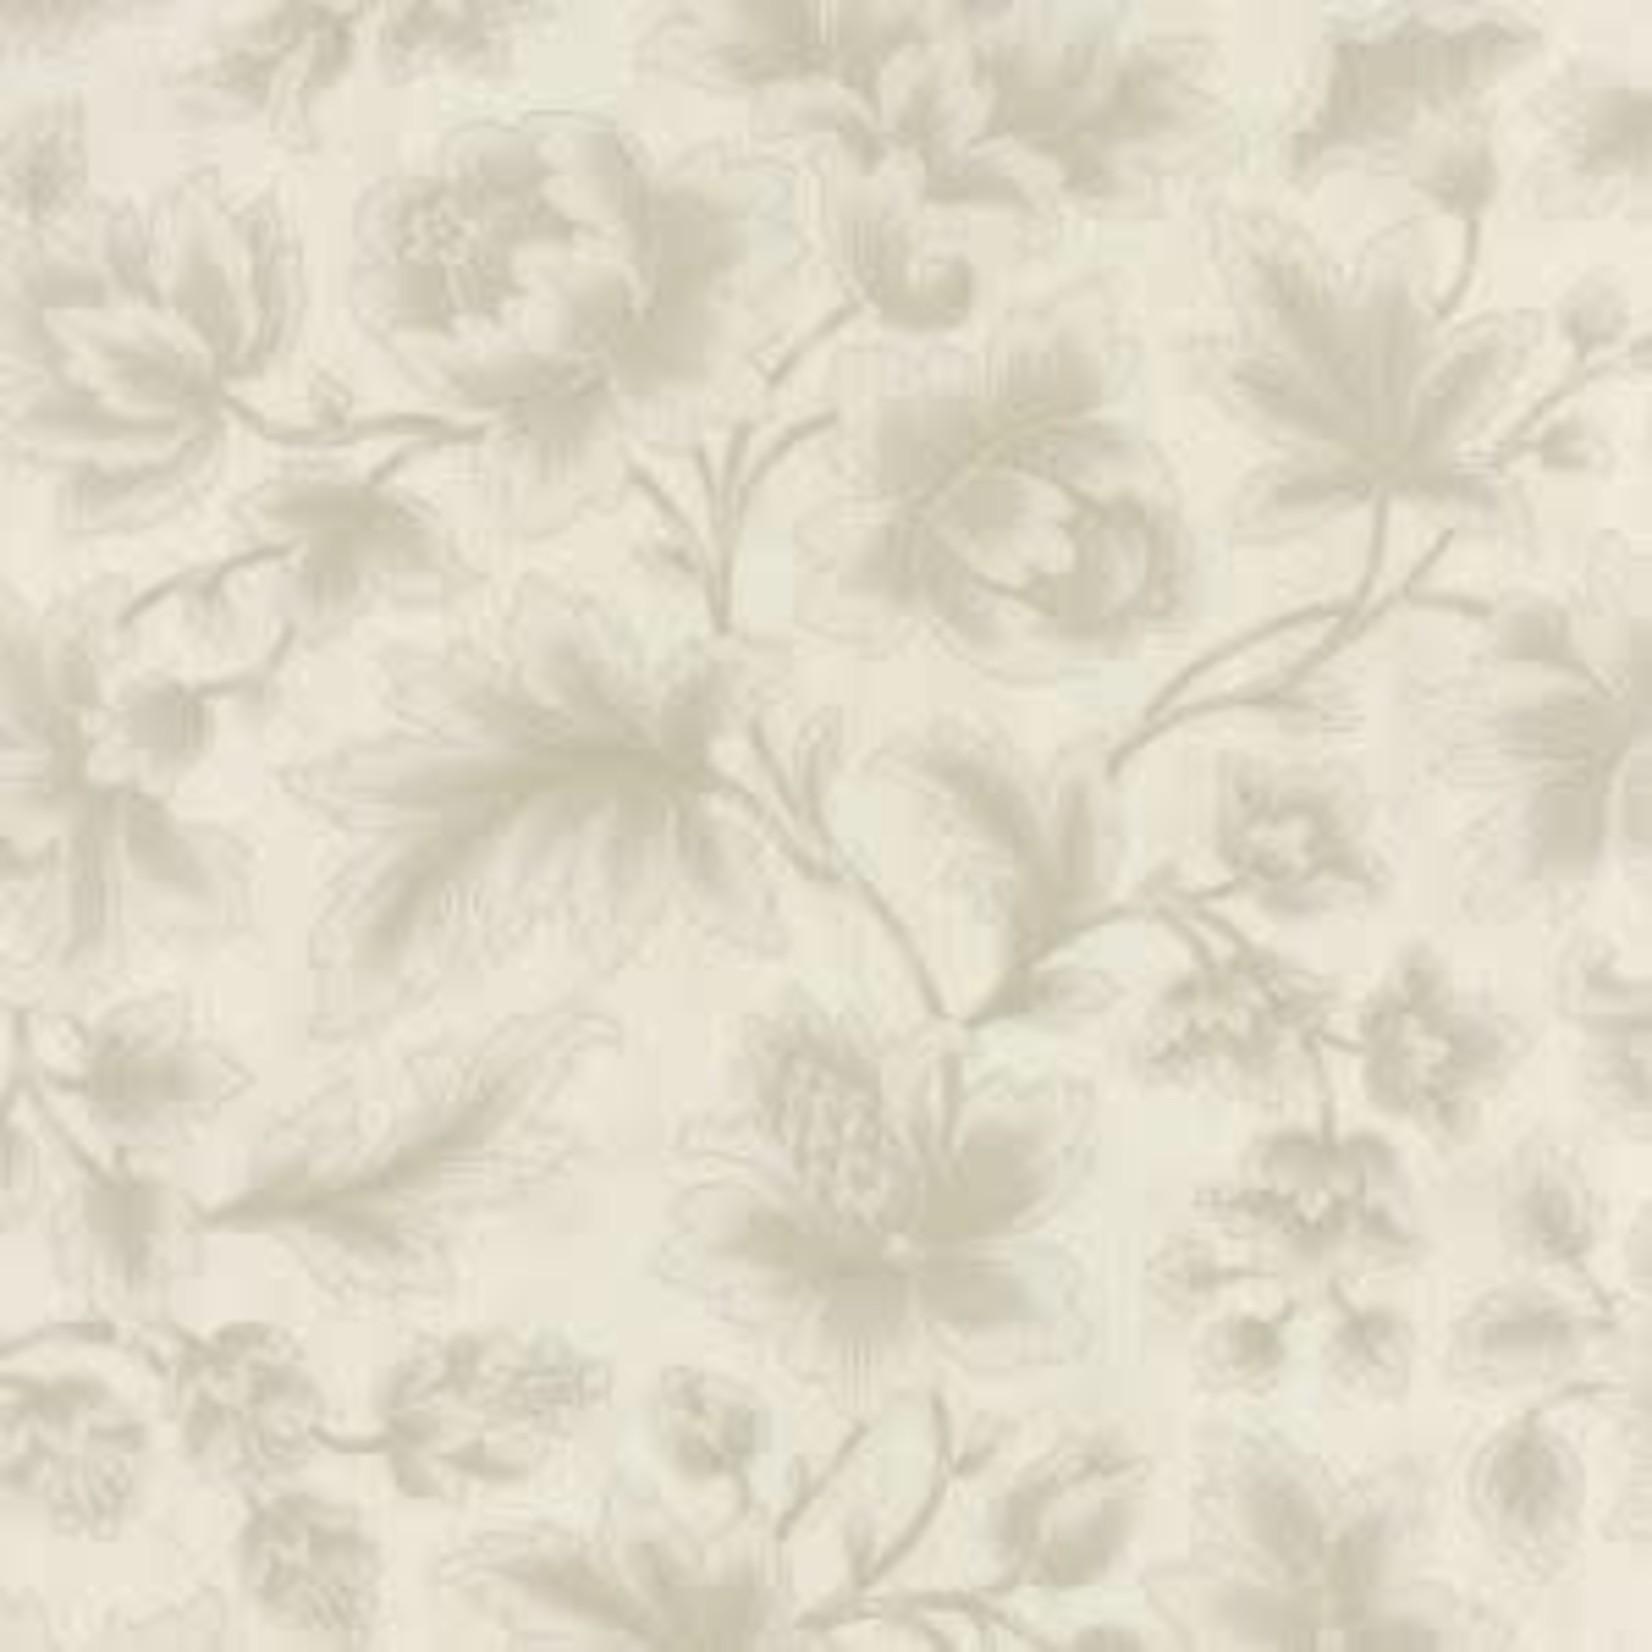 Moda Fabrics 3 Sisters - Midnight Clear - Gray